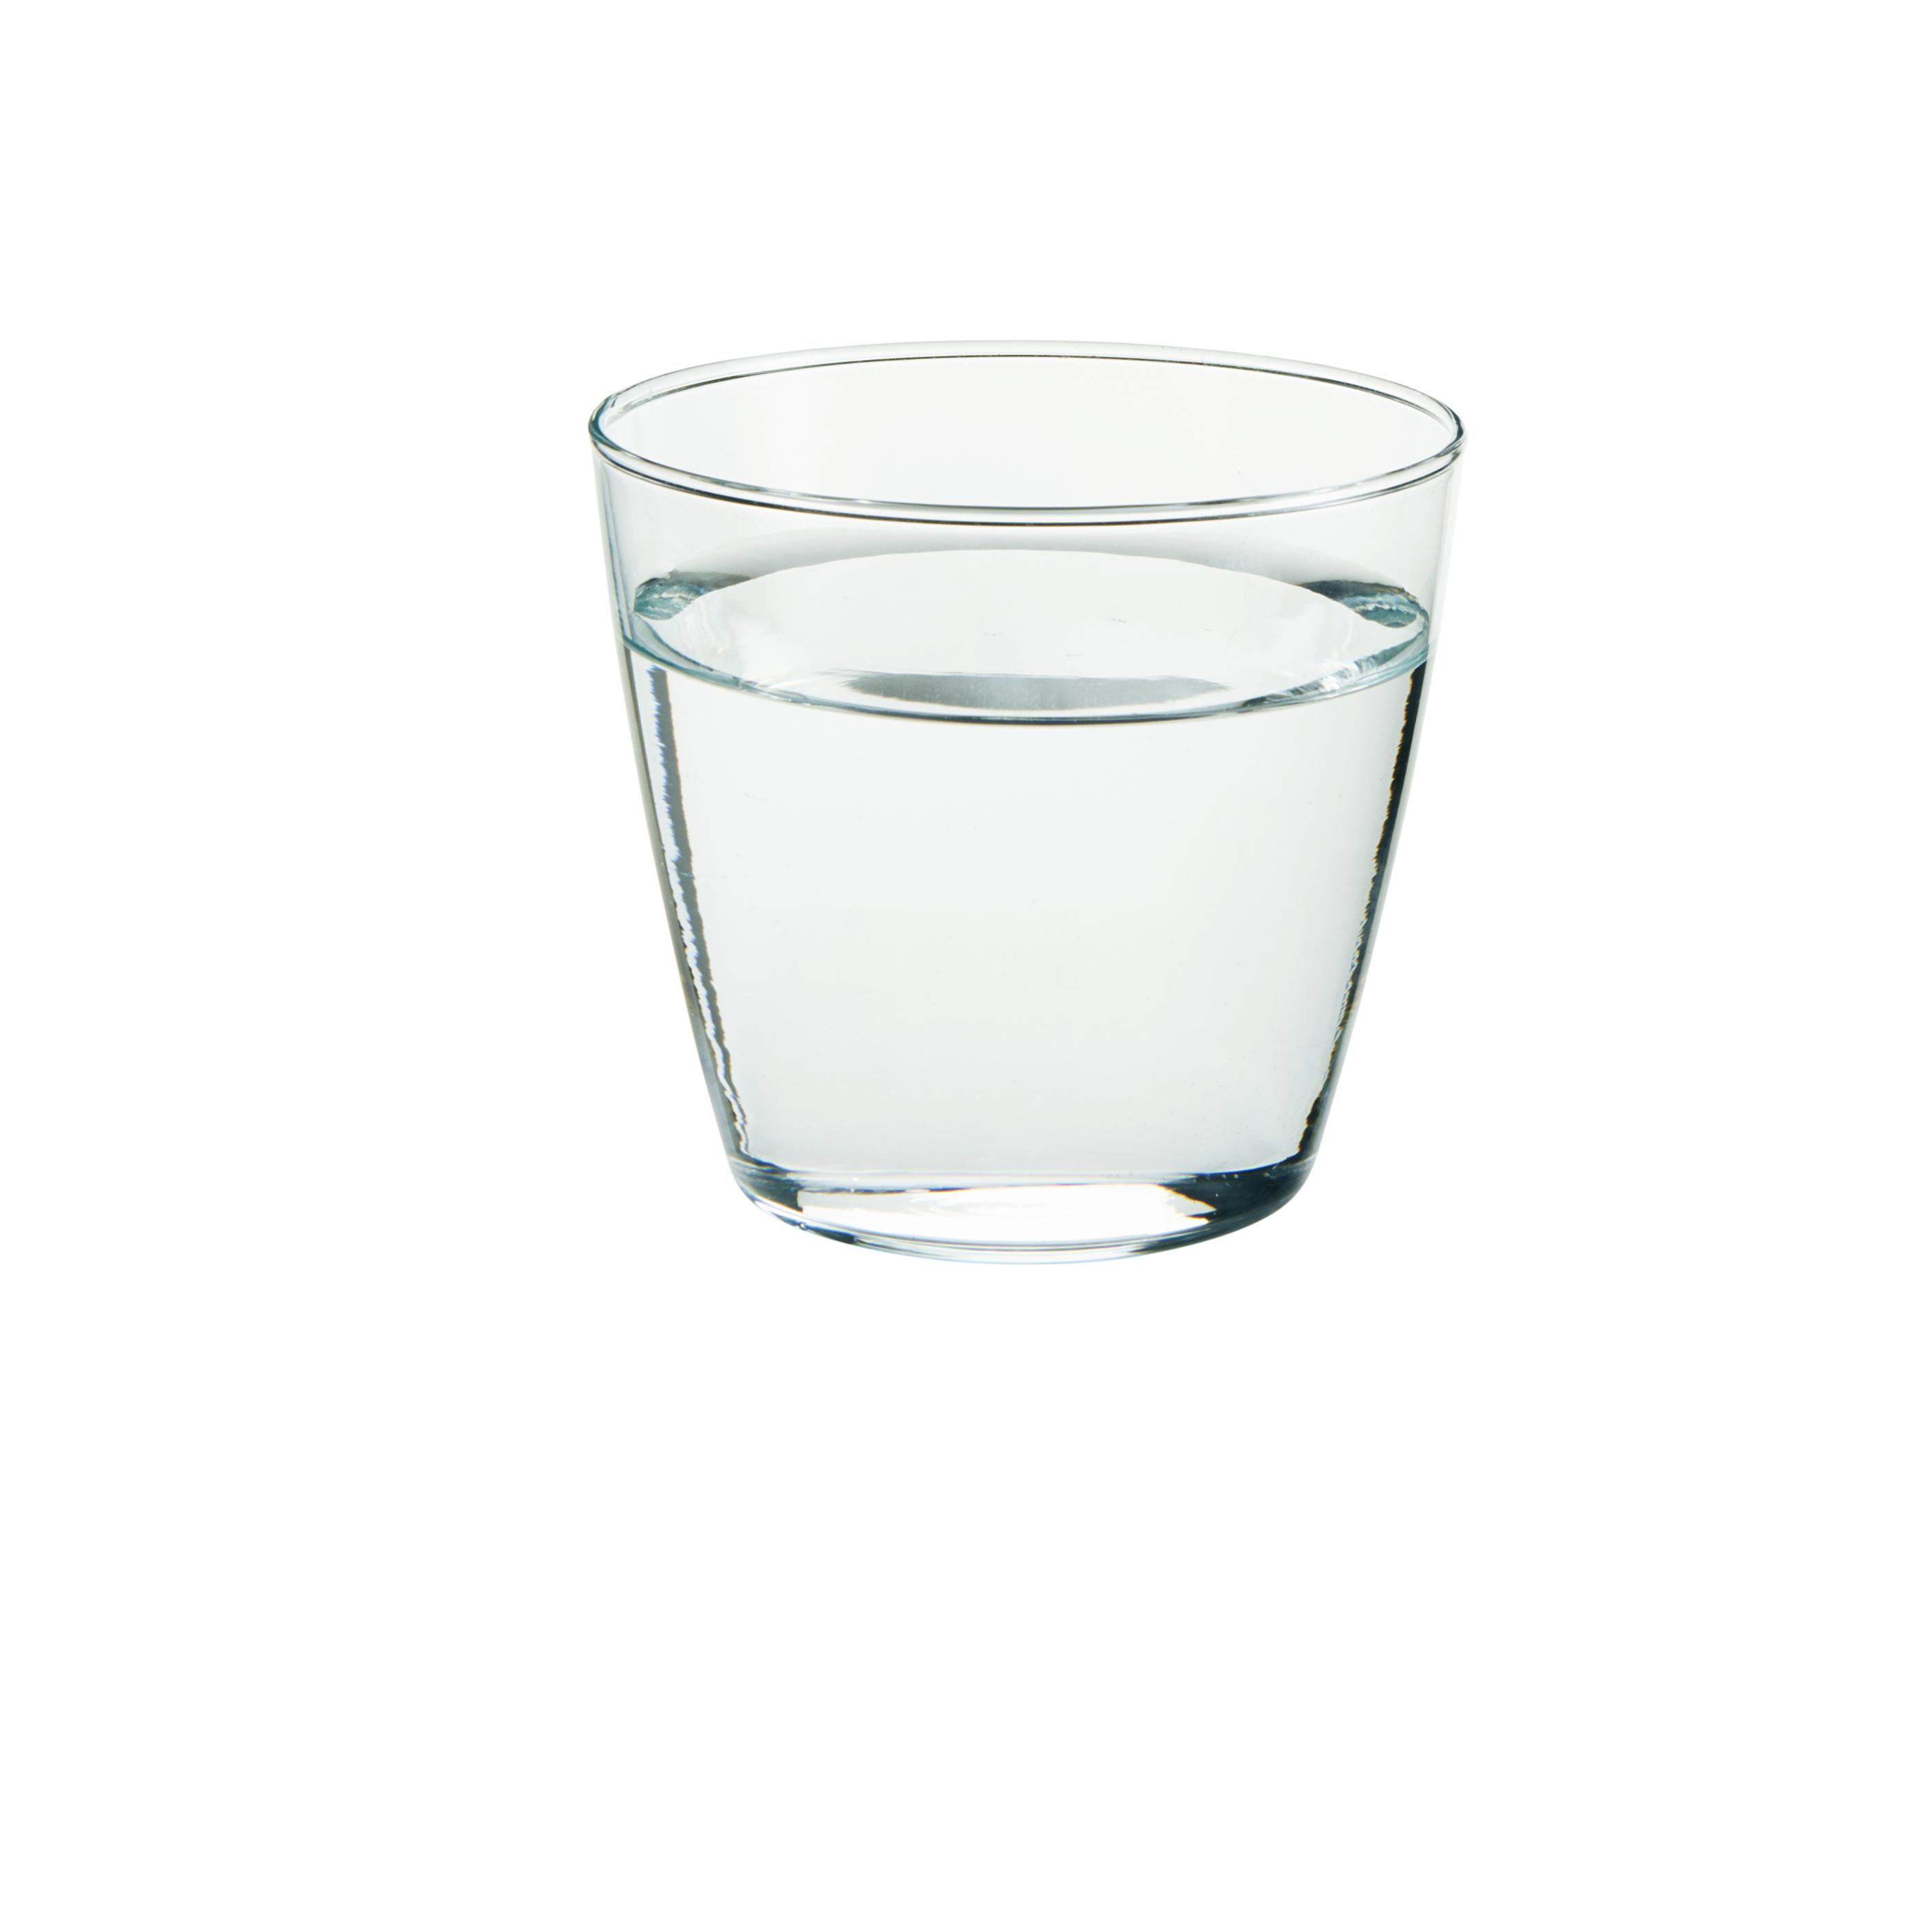 a858c29dc18 RTWG Retap water glass - Branded Malta (™ of GATT SERETNY LTD)